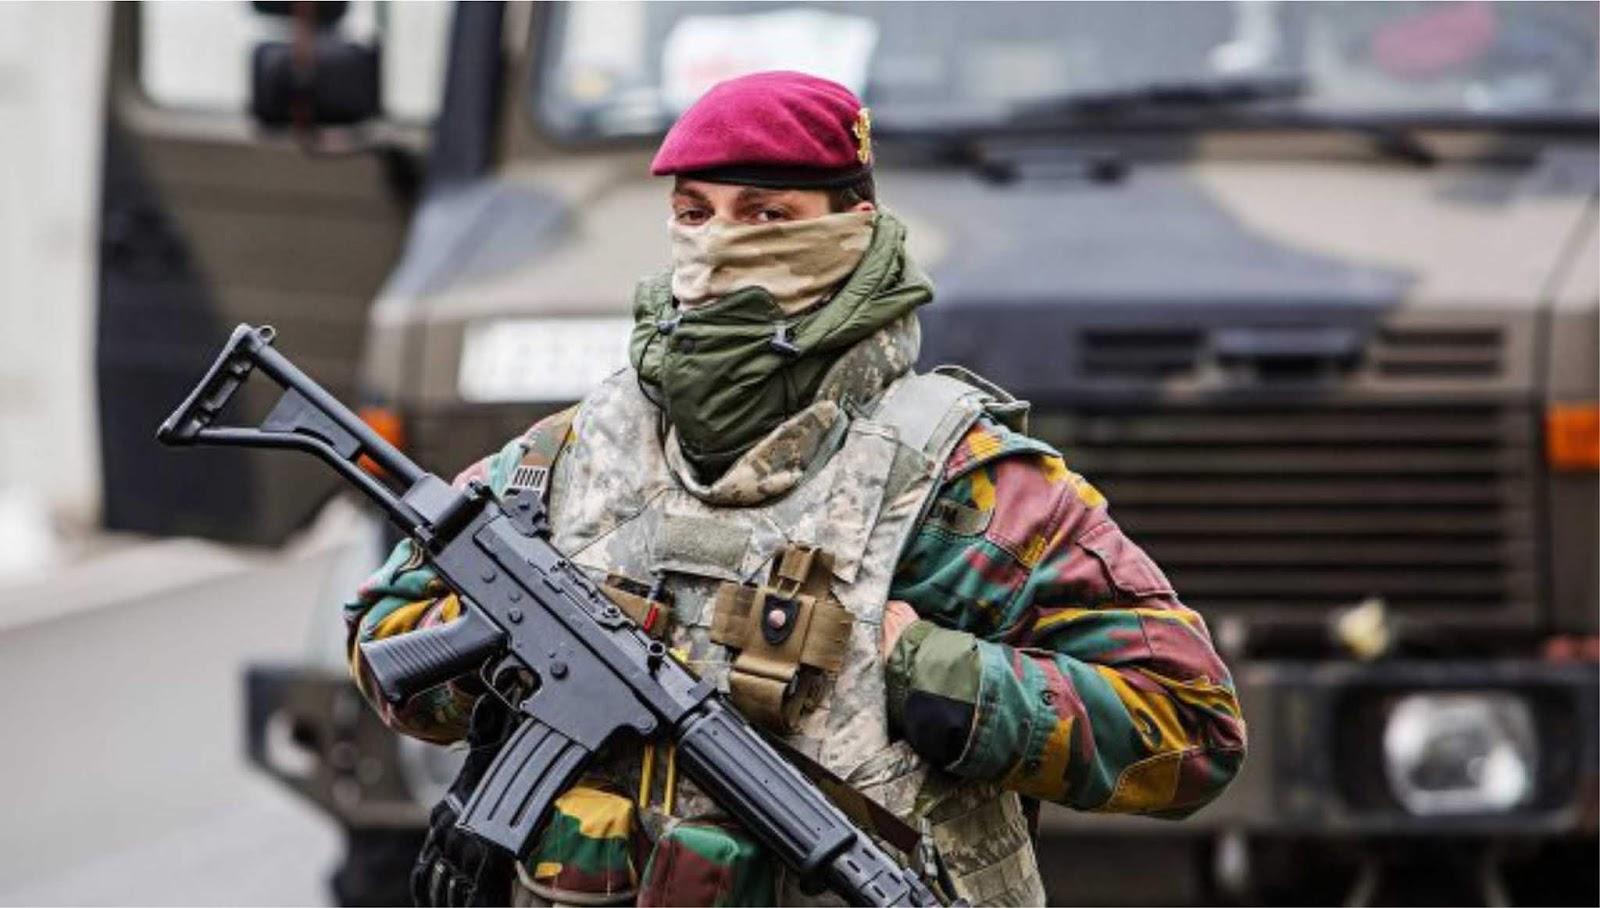 Kementerian Pertahanan Belgia menciptakan pasukan khusus wanita